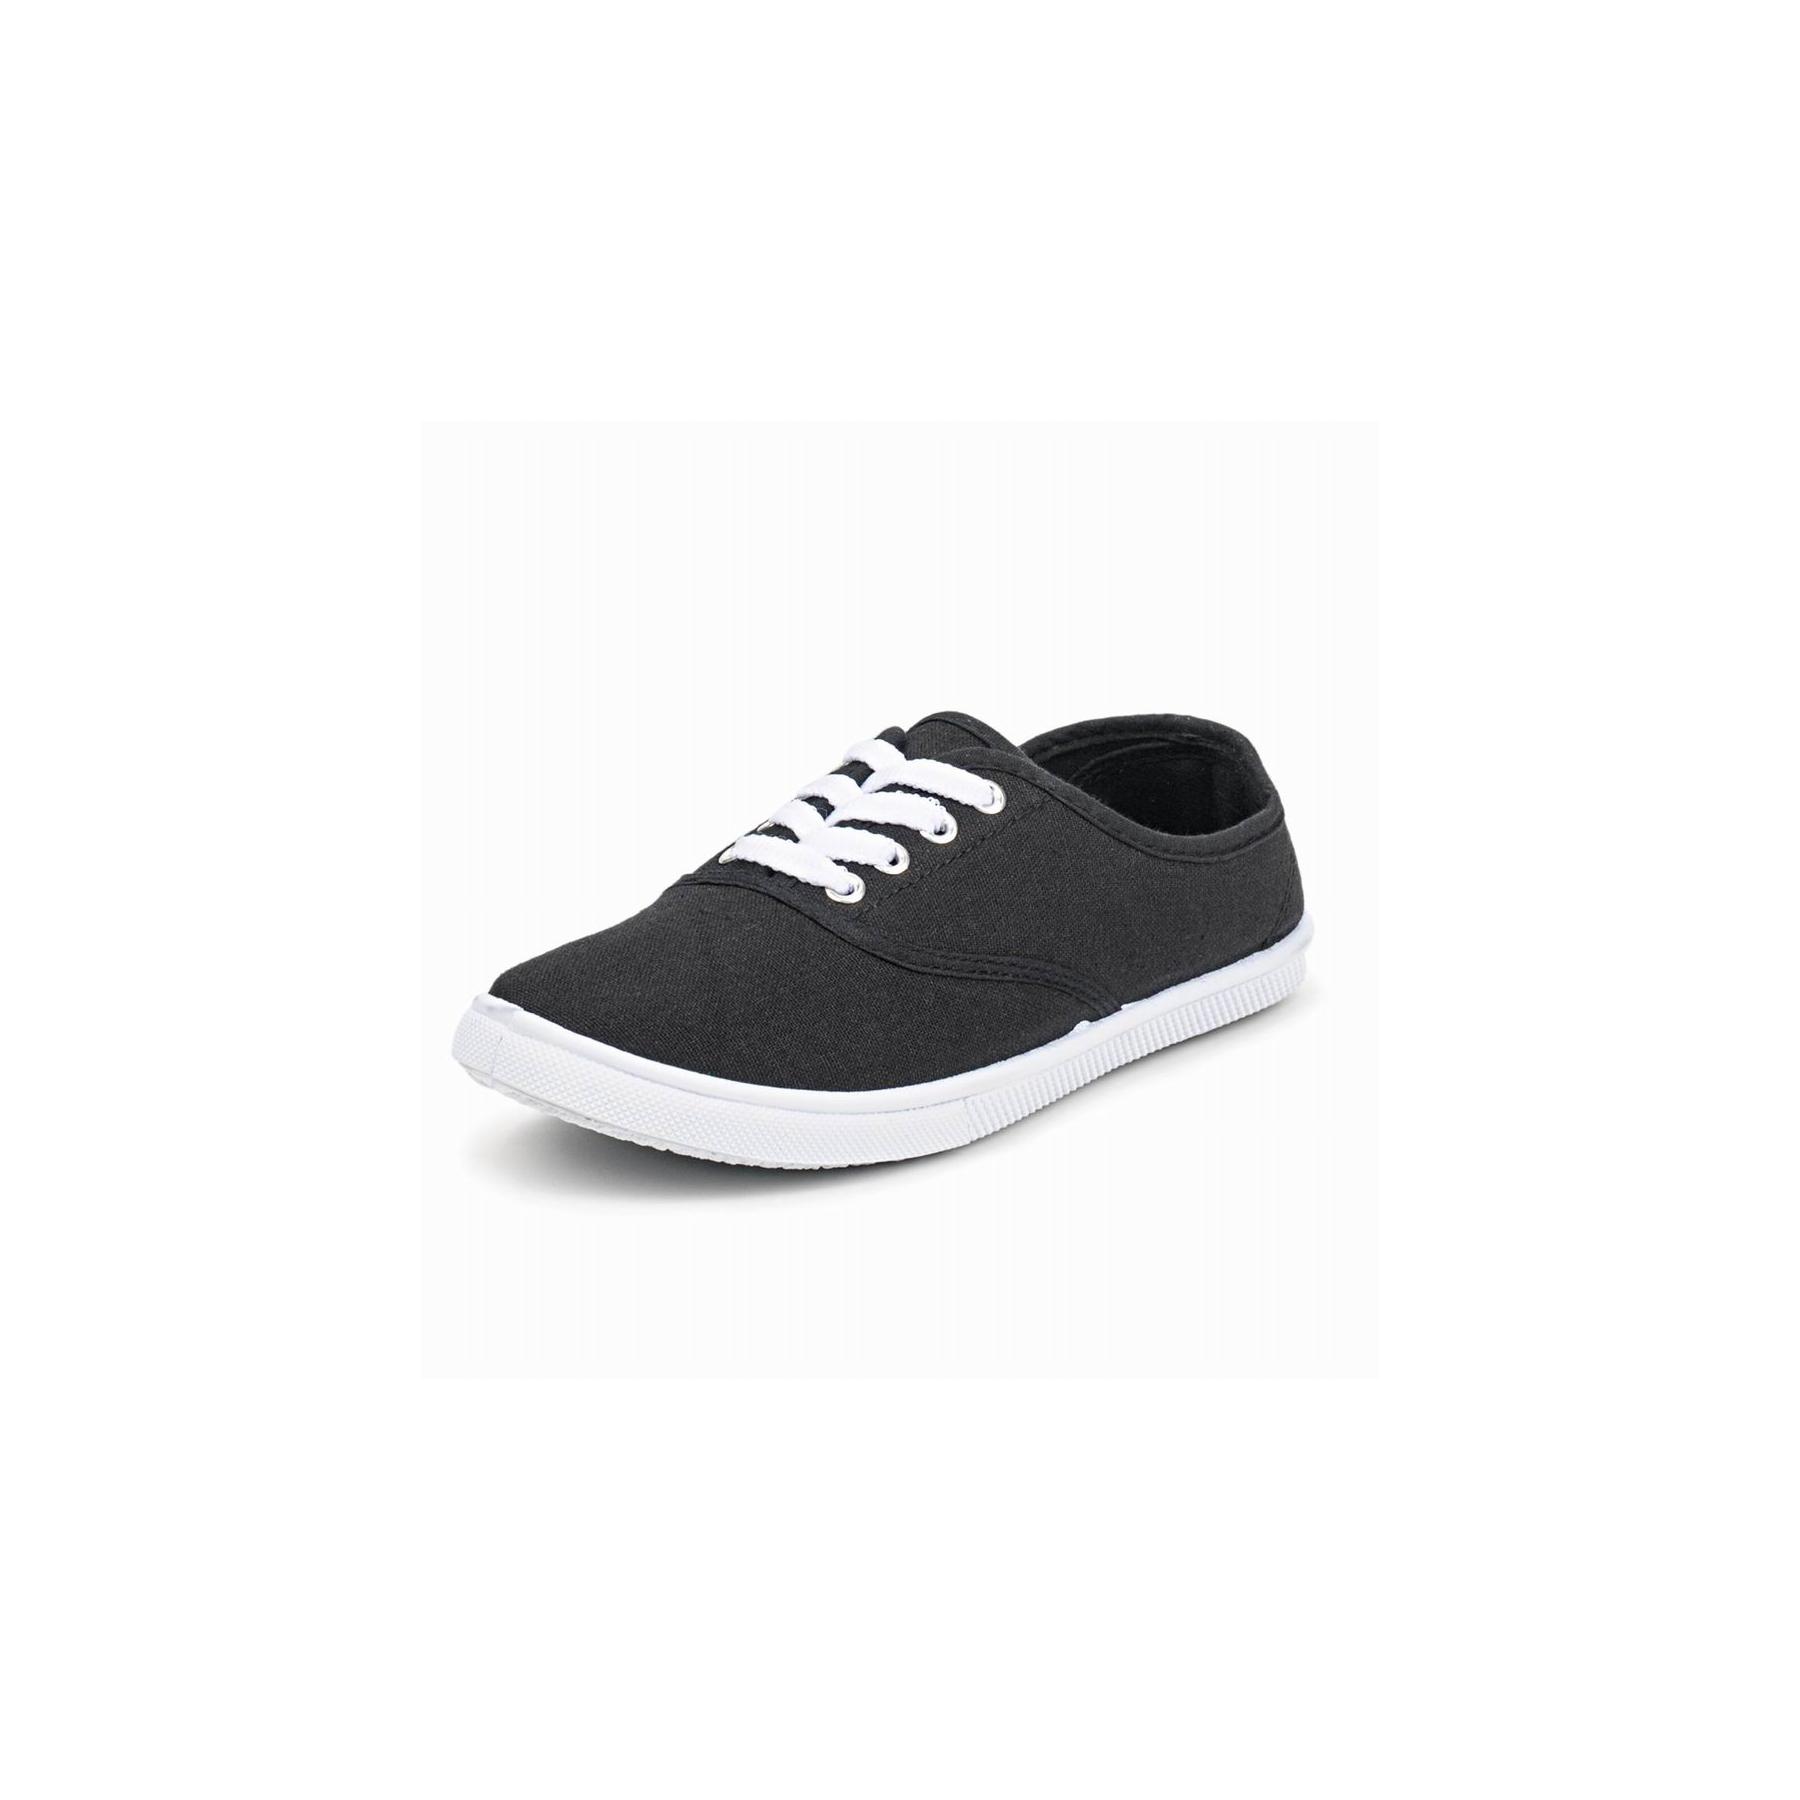 Обувь женская Trien  LGC 9102 черная текстиль р. 38 АКЦИЯ!